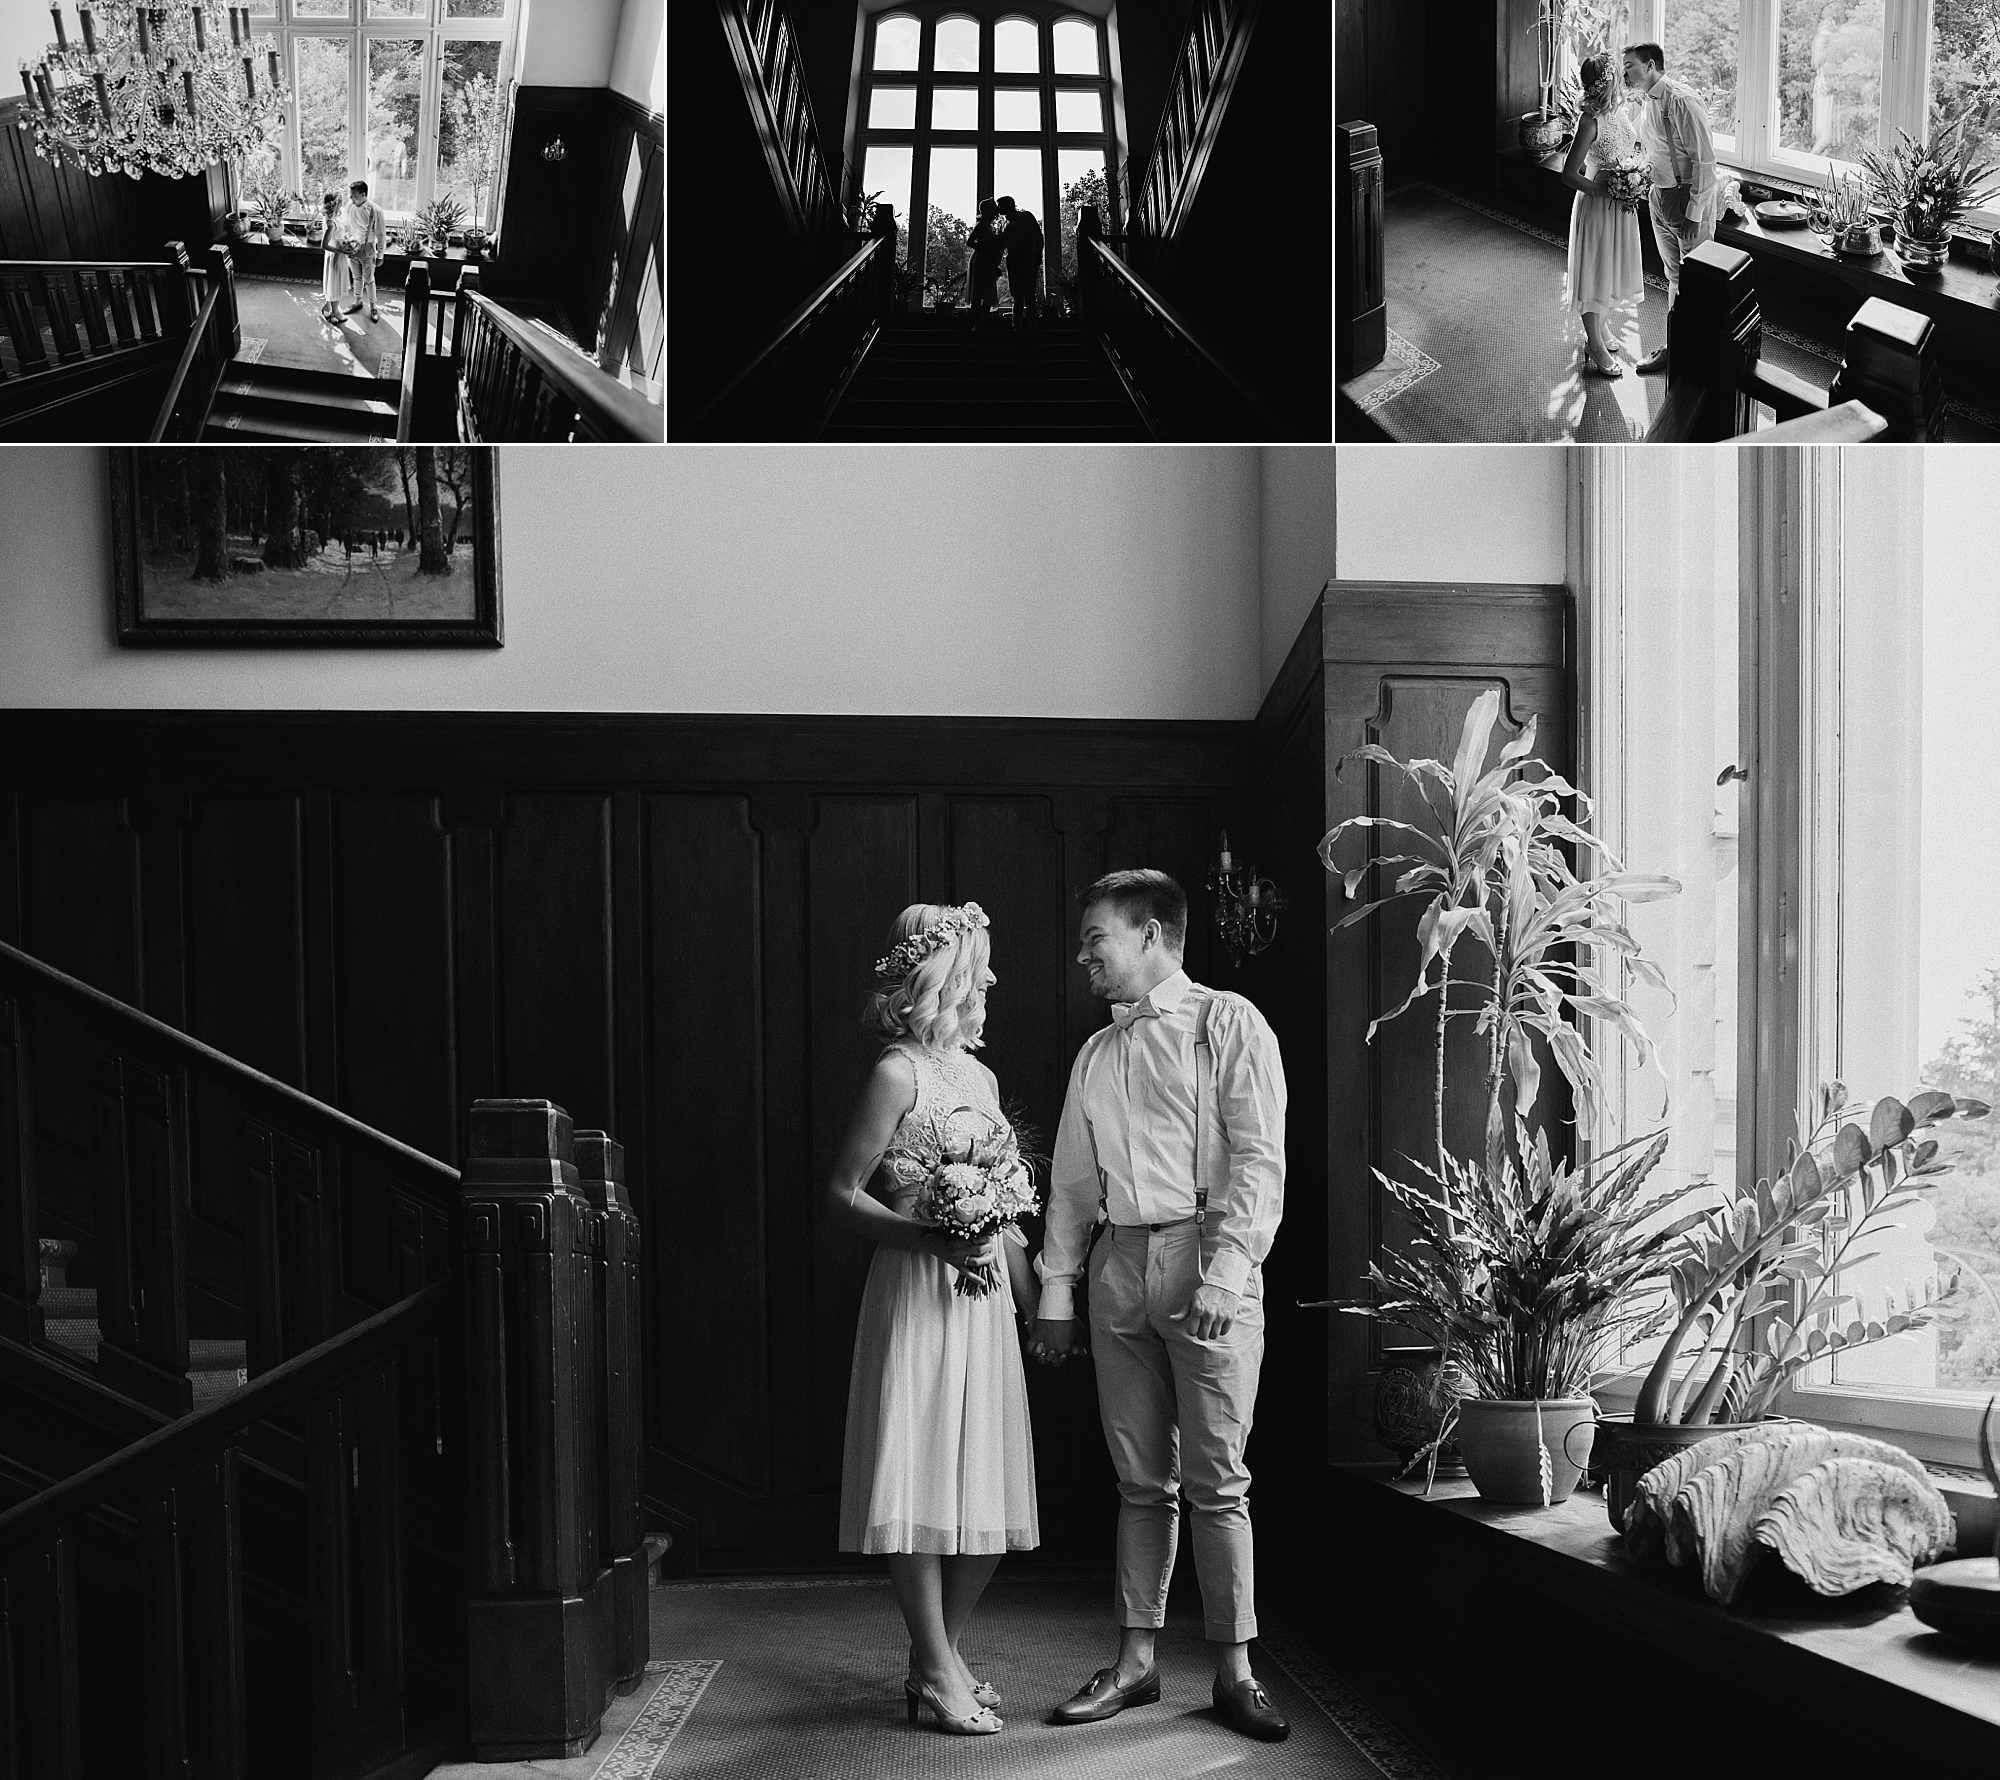 Hochzeit im Schlosshotel Ralswiek - Hochzeitsreportage auf Rügen - Heiraten im Schloss Ralswiek, Granitz oder Ranzow - Hochzeitsfotograf Ostsee